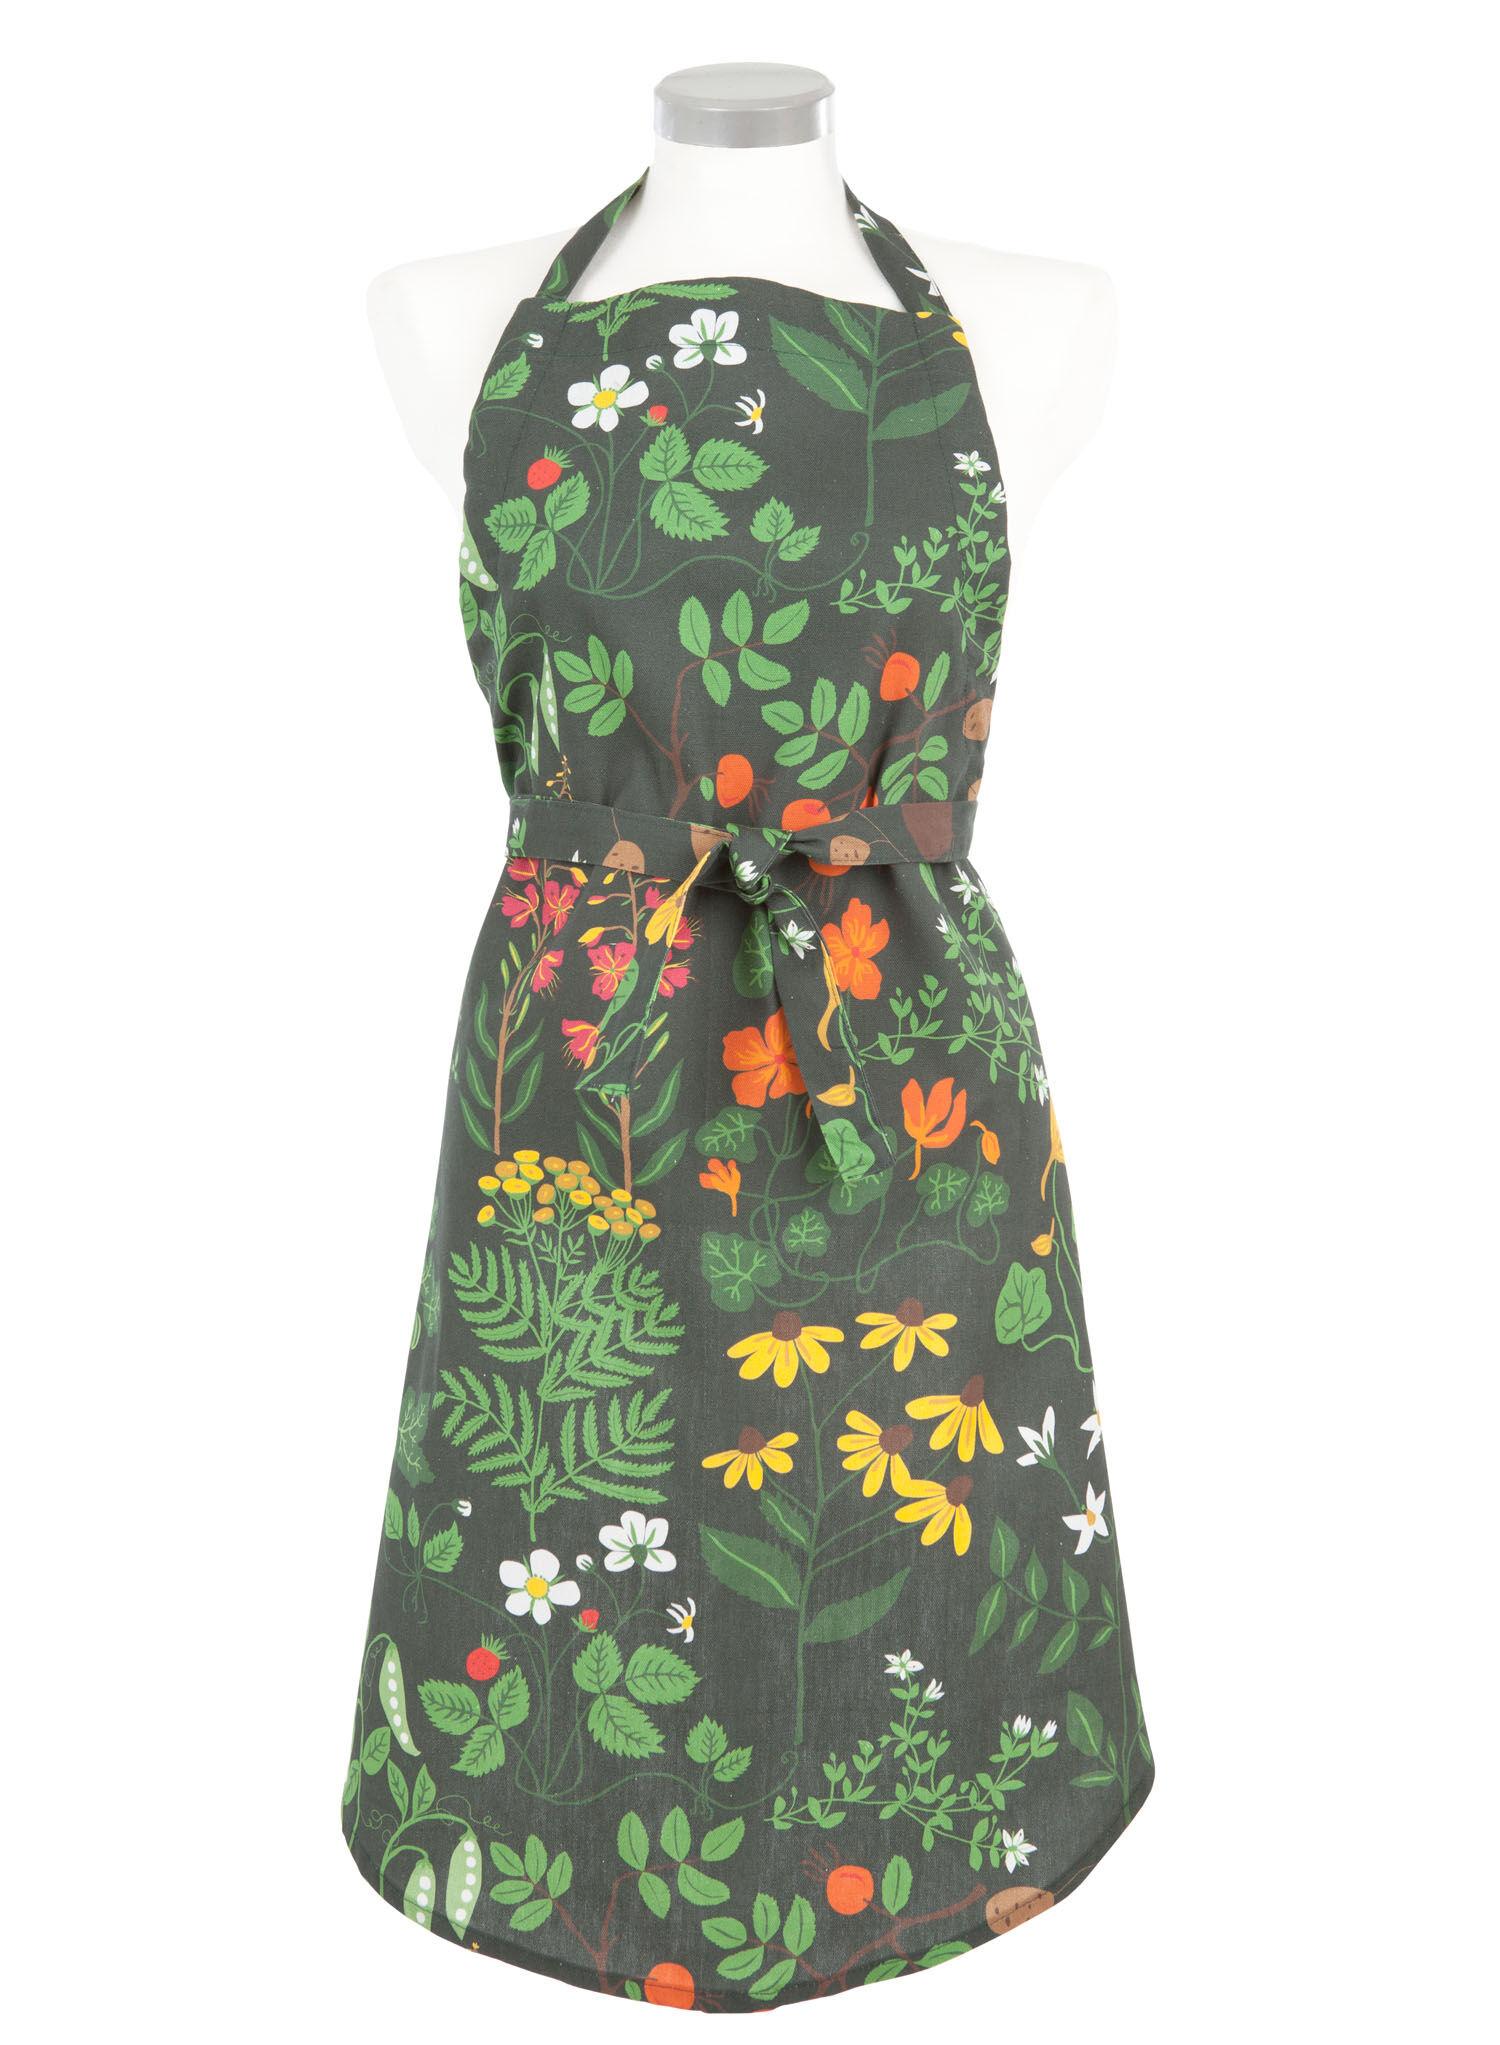 Grön förkläde med blommor